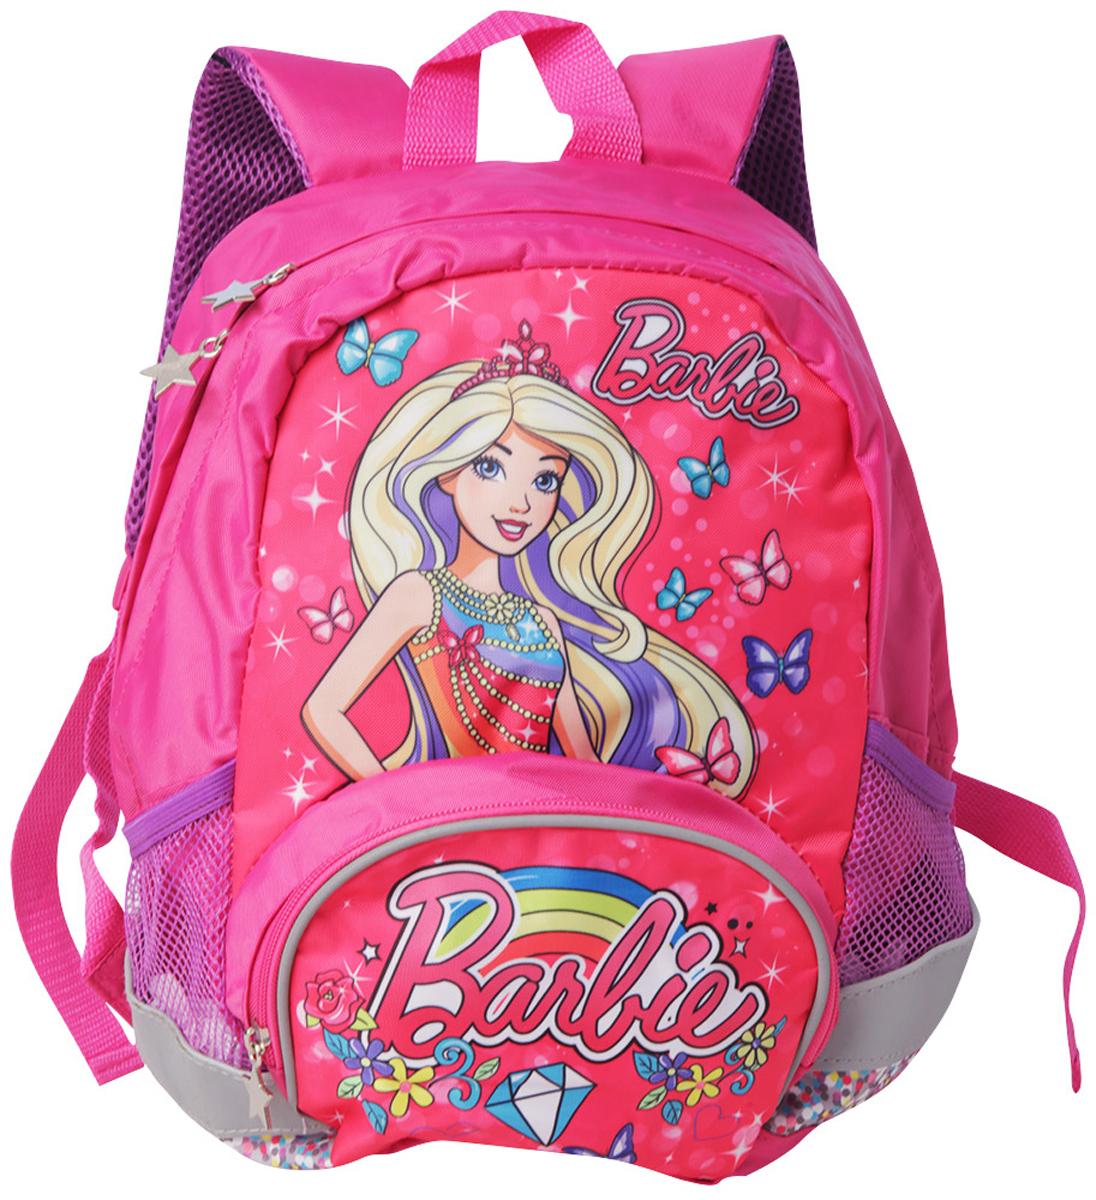 Mattel Рюкзак детский Fantasy bag Barbie4998100Суперлегкий, компактный, функциональный рюкзак с лицензионным дизайном Mattel Barbie. Рюкзак имеет регулируемые лямки эргономичной формы и эргономичную спинку, которая сделана из вентилируемого материала, такая спинка способствует правильному распределению нагрузки на детскую спину и позволяет «дышать» телу. Рюкзак оснащен светоотражающими элементами, которые повышают видимость ребенка на дорогах. Рюкзак выполнен из прочной водонепроницаемой ткани с термотрансферной печатью. Рюкзак вмещает в себя школьные принадлежности формата А4. Рюкзак имеет одно основное отделение, передний карман и два боковых кармана из сетчатой ткани на резинке. Размер: 32 х 23 х 12 см. Объем: 9 л.